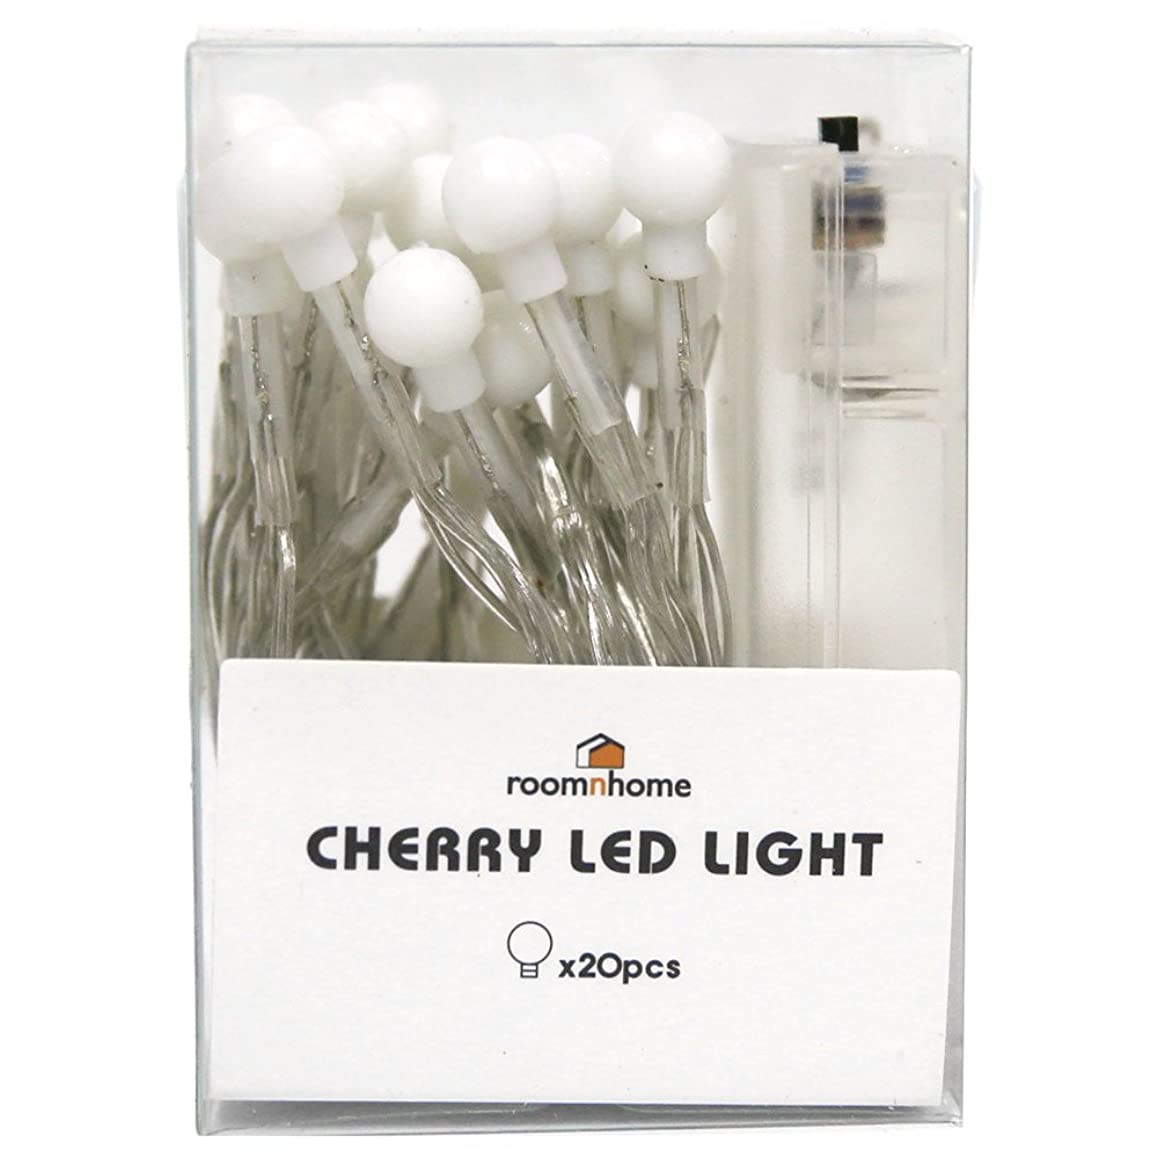 回路狂信者有害ルームアンドホーム ライト LED チェリー さくらんぼ 20個 ホワイト 1cm 電池式